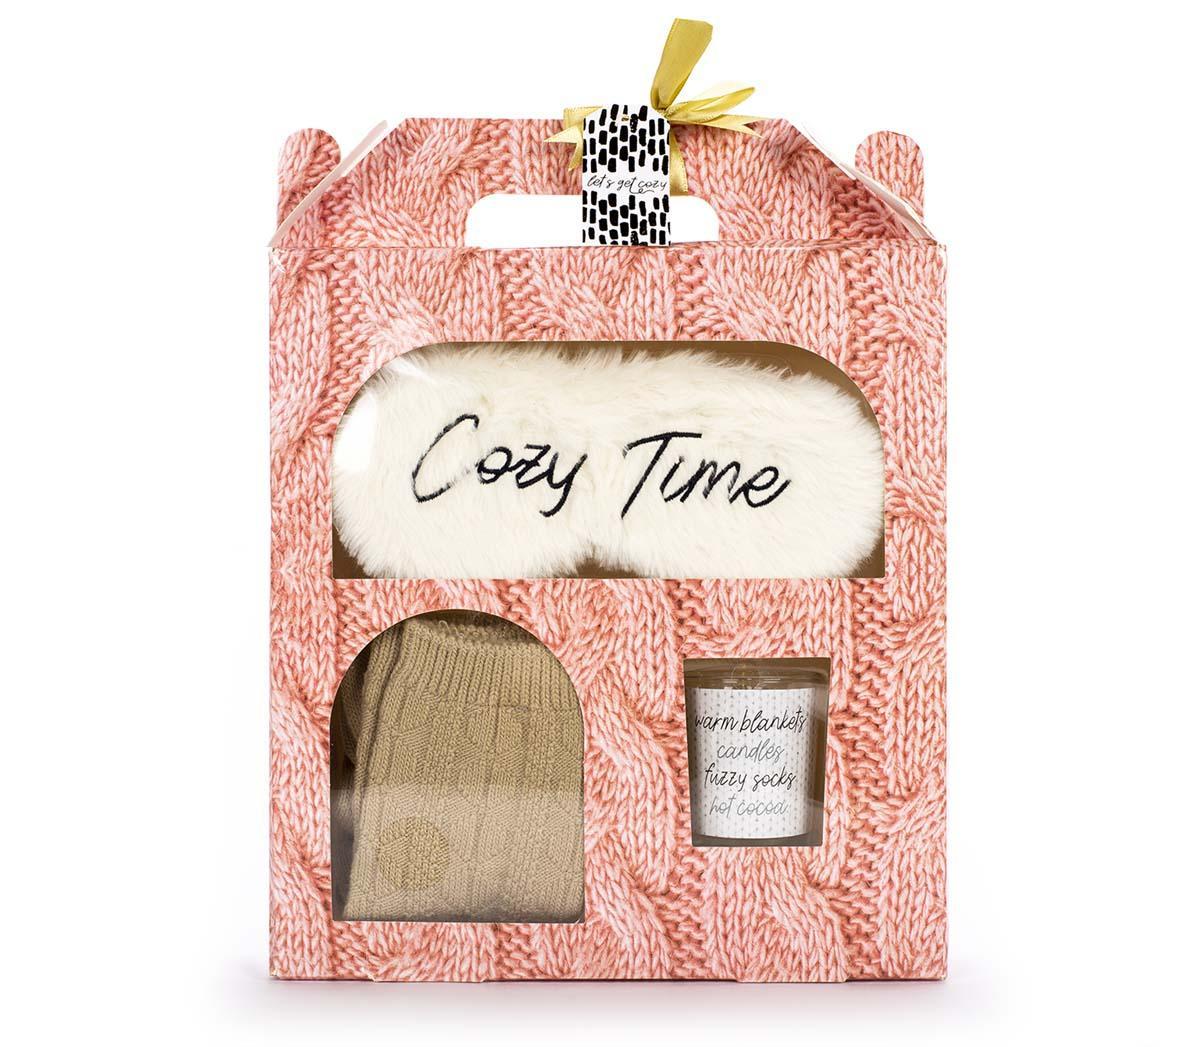 Poklon set COZY TIME